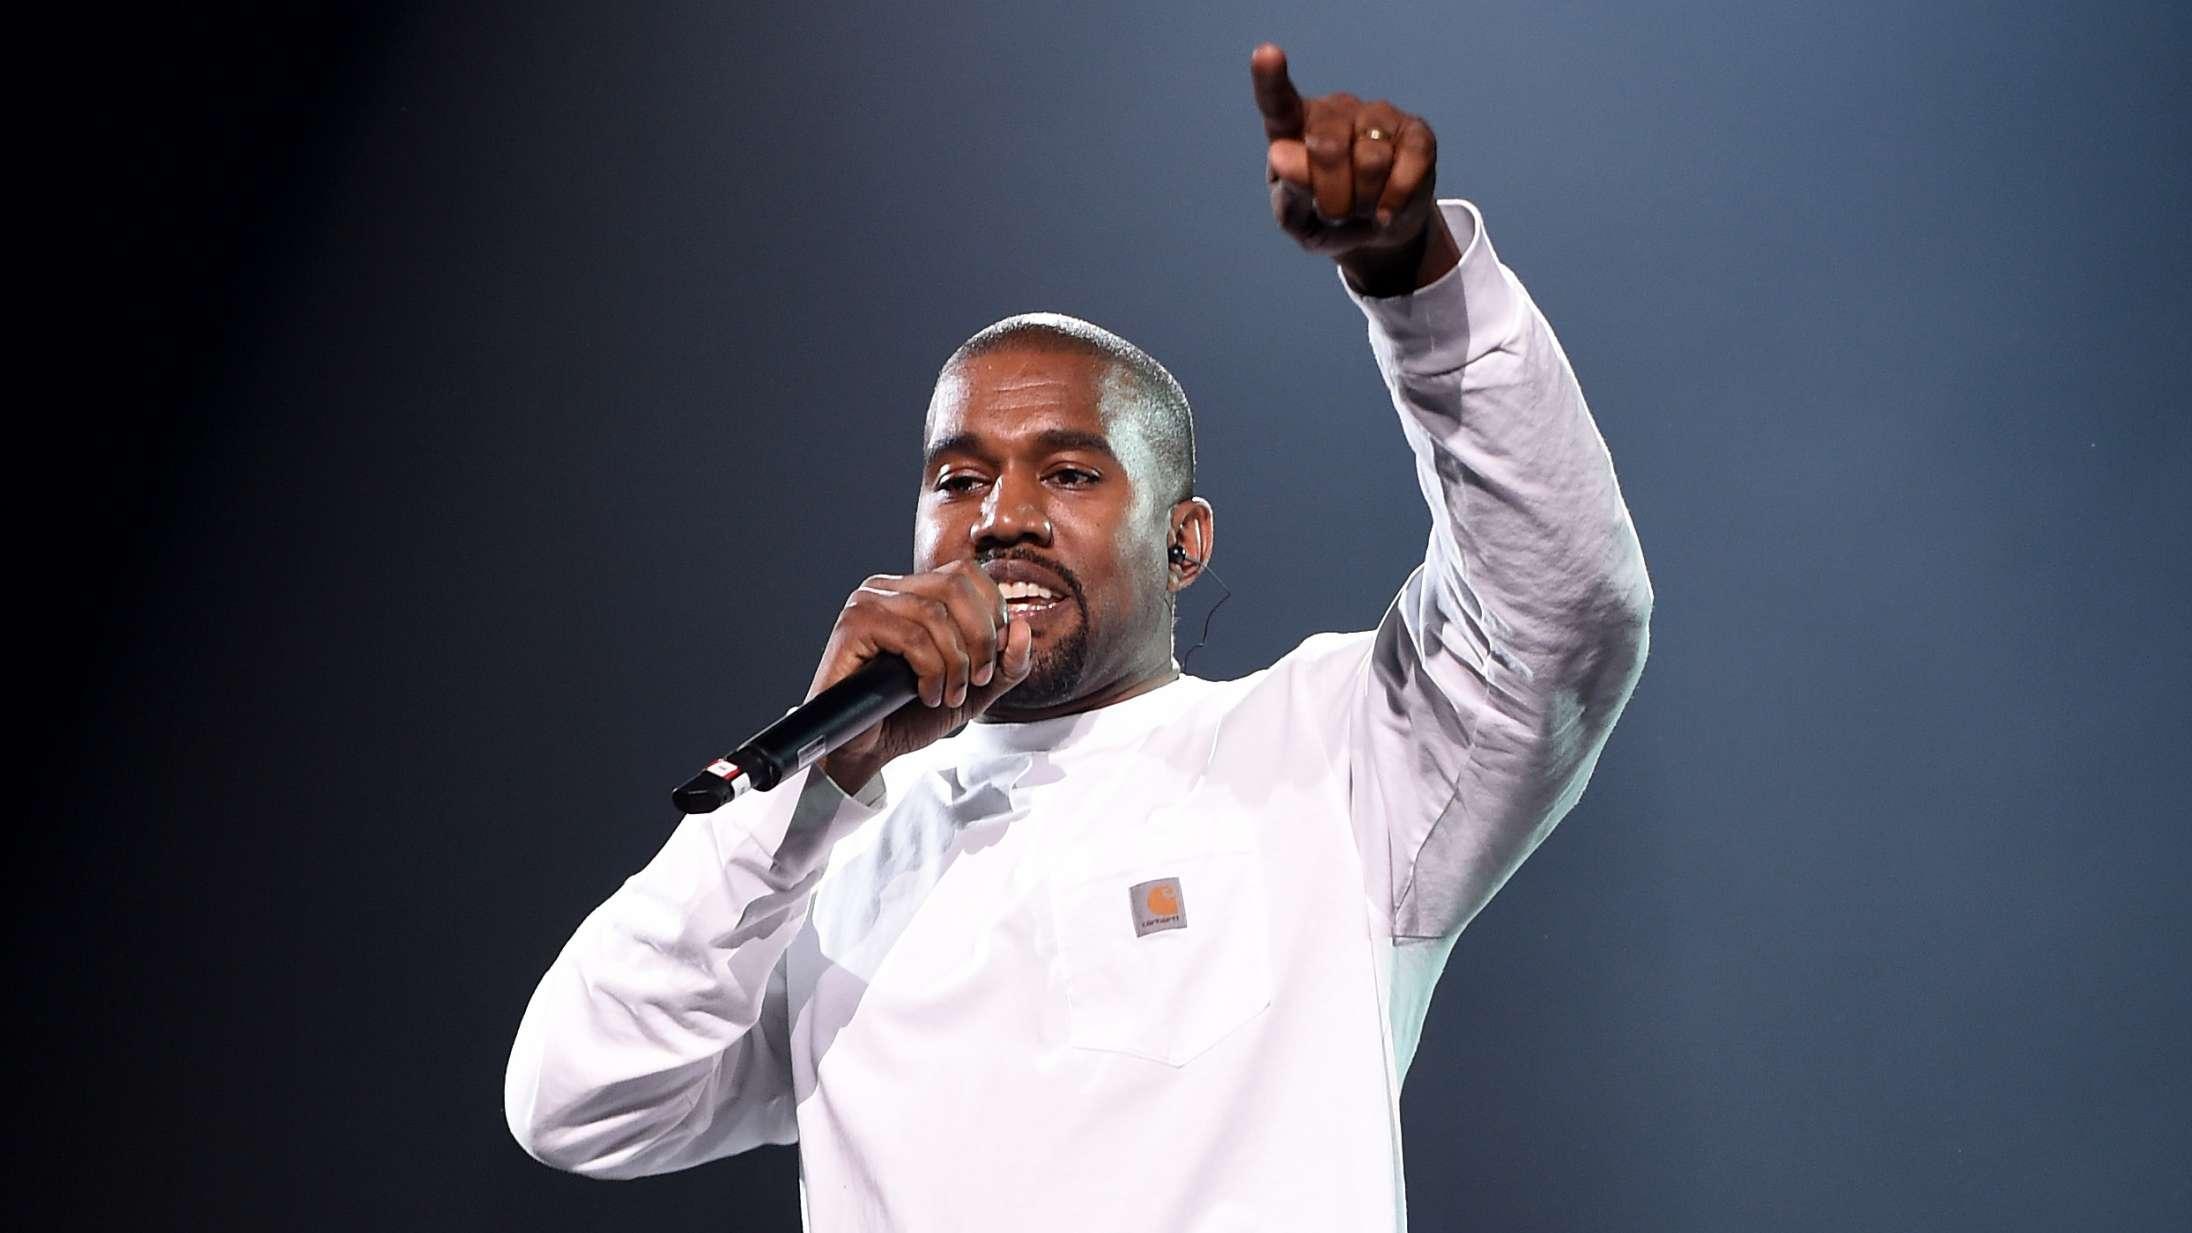 Kanye West udskyder 'Yandhi' endnu engang